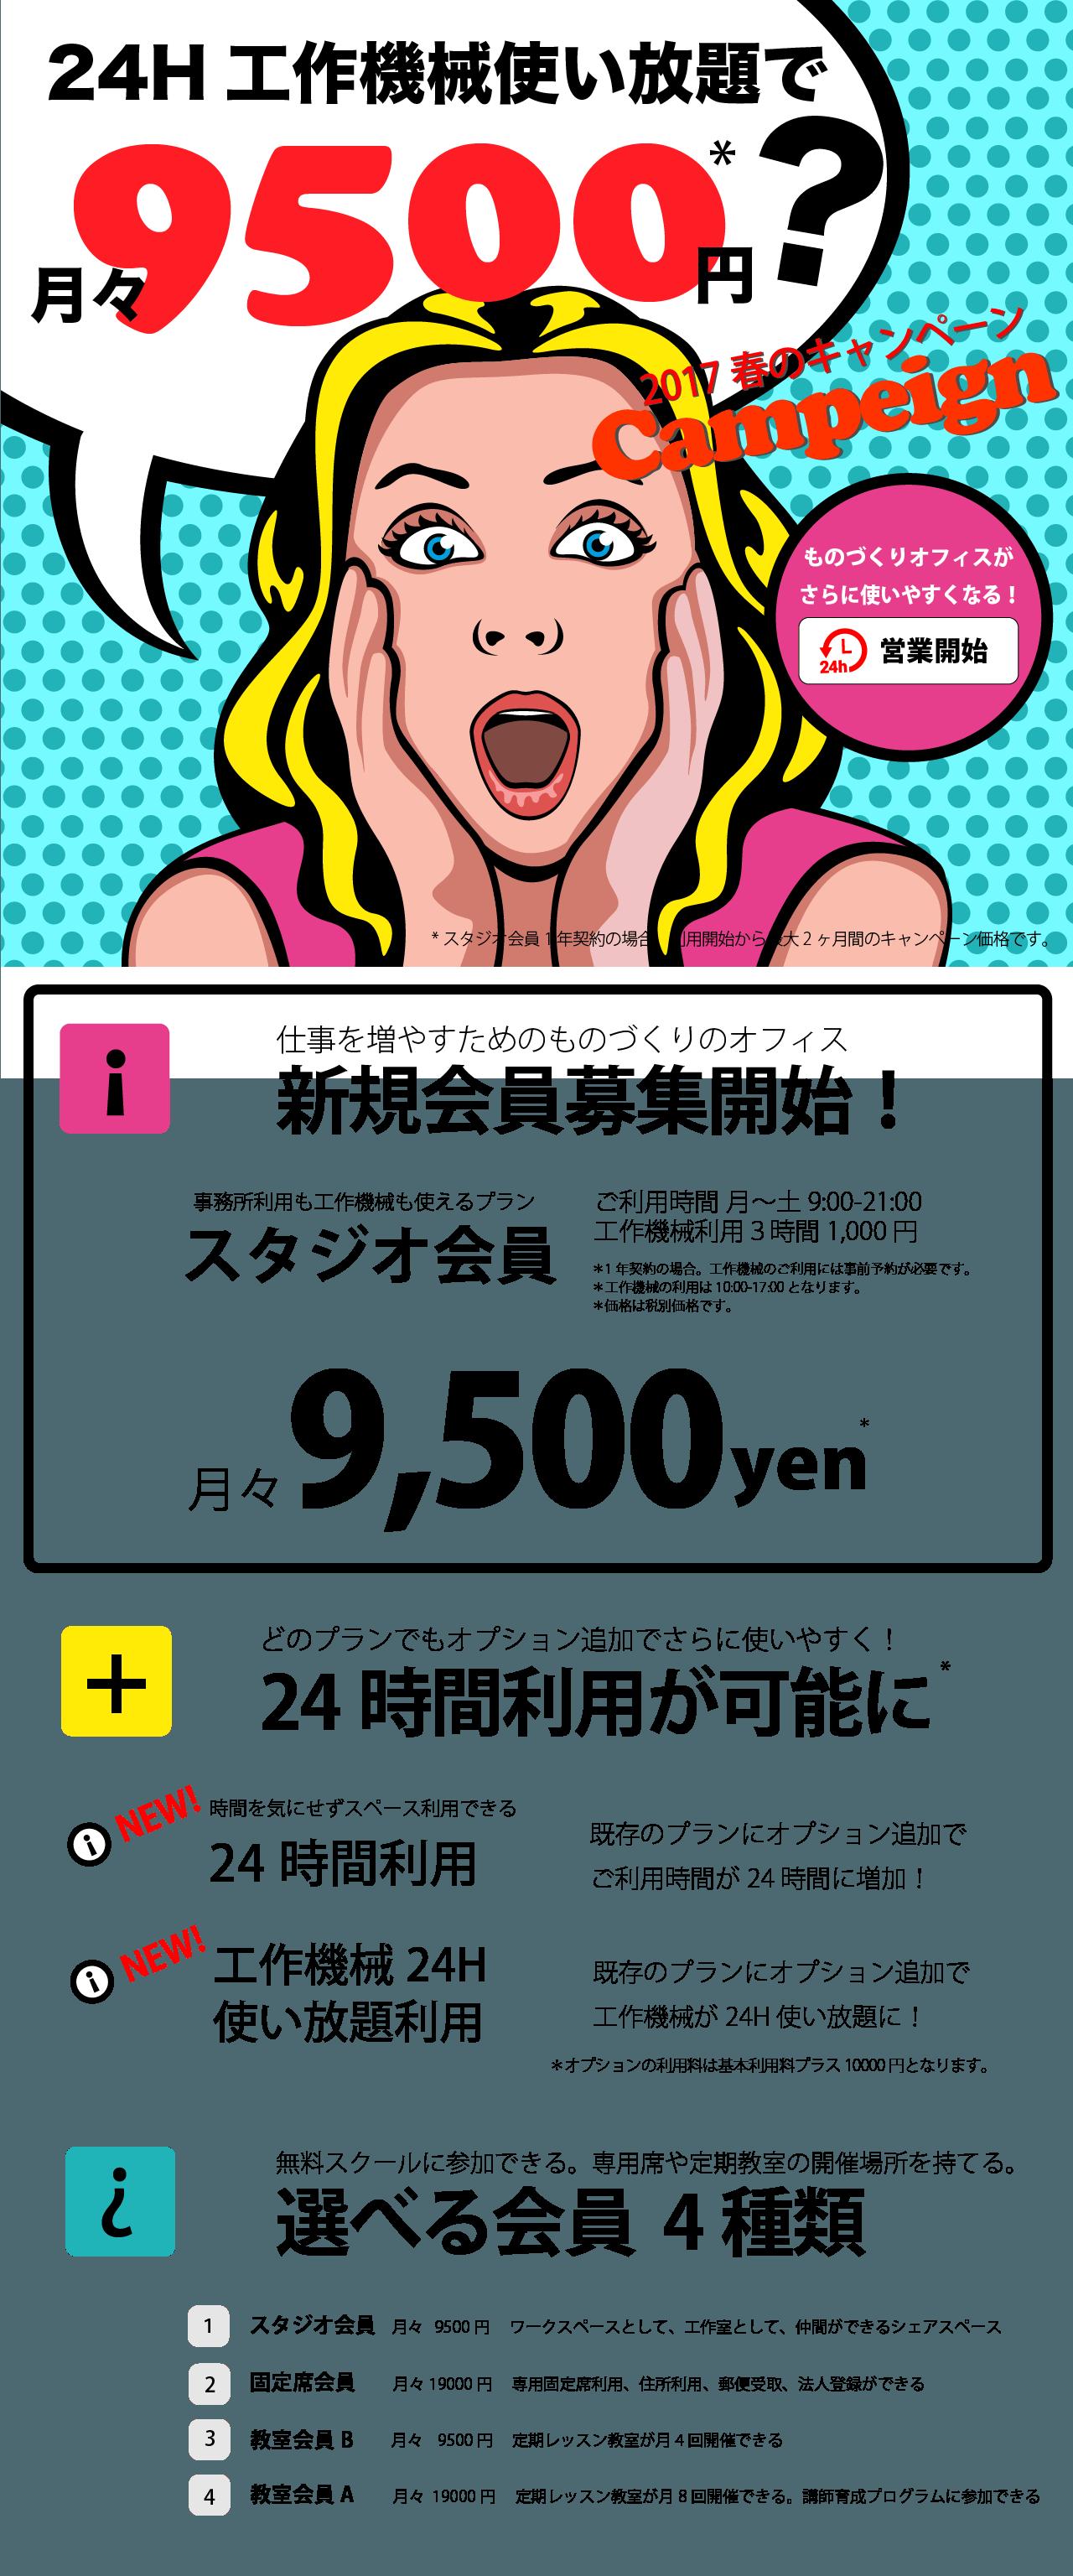 2017年春の入会キャンペーン「月々9500円で24時間工作機械利用が可能に?」|ものづくりオフィス®︎